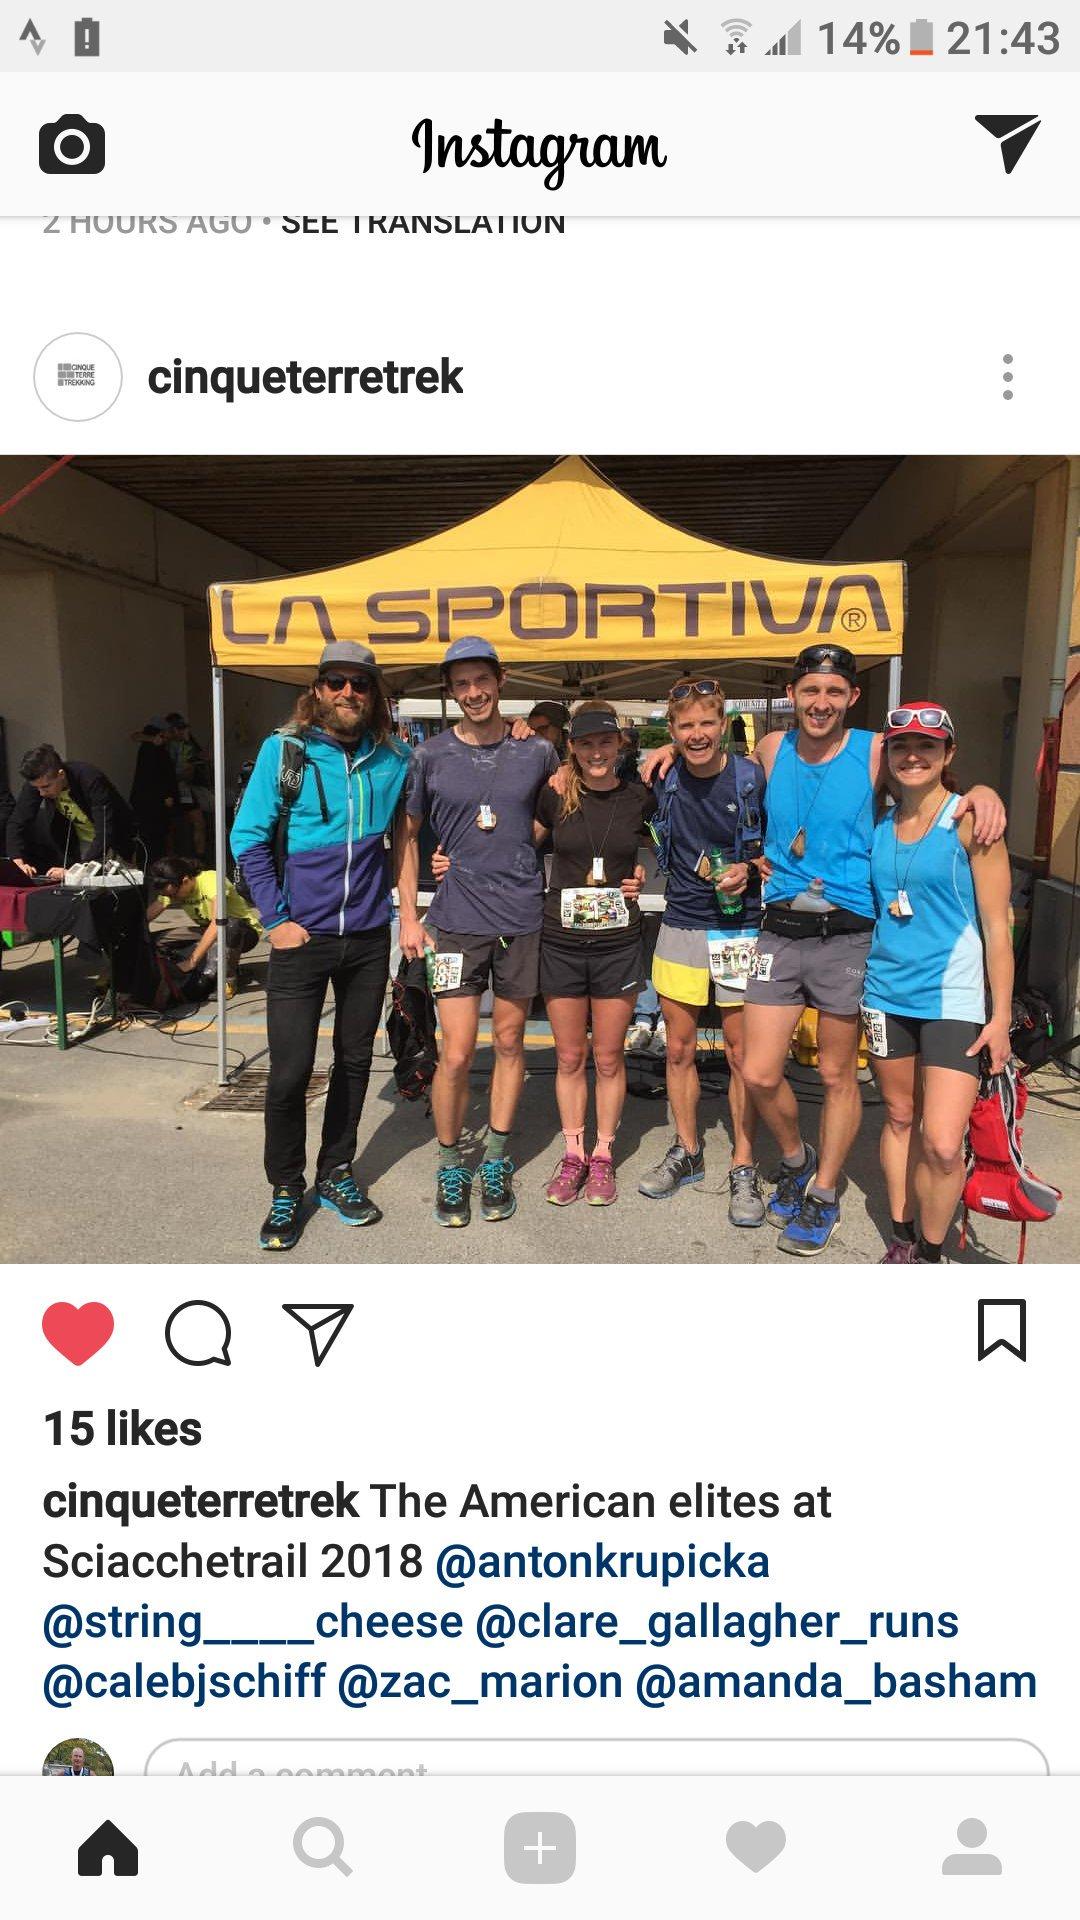 Ultramarathon cinque terra